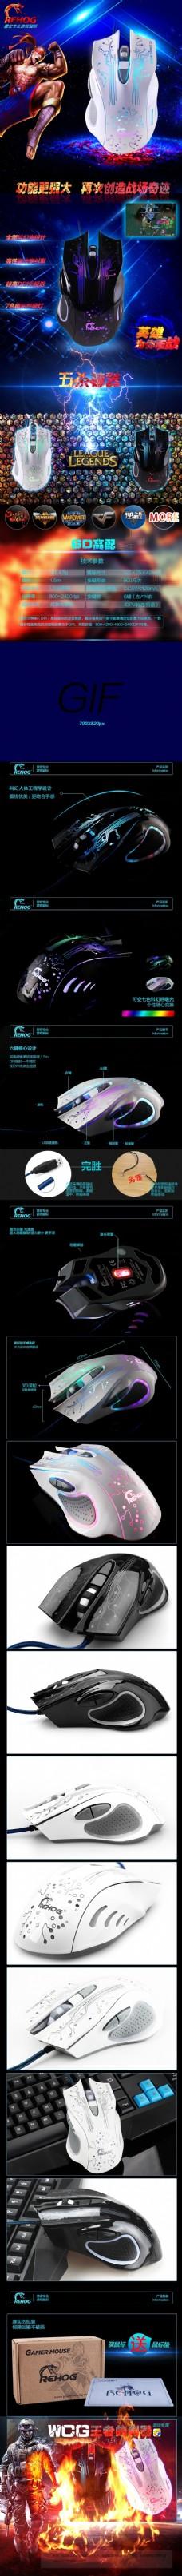 黑暗风格详情版式设计京东天猫淘宝鼠标